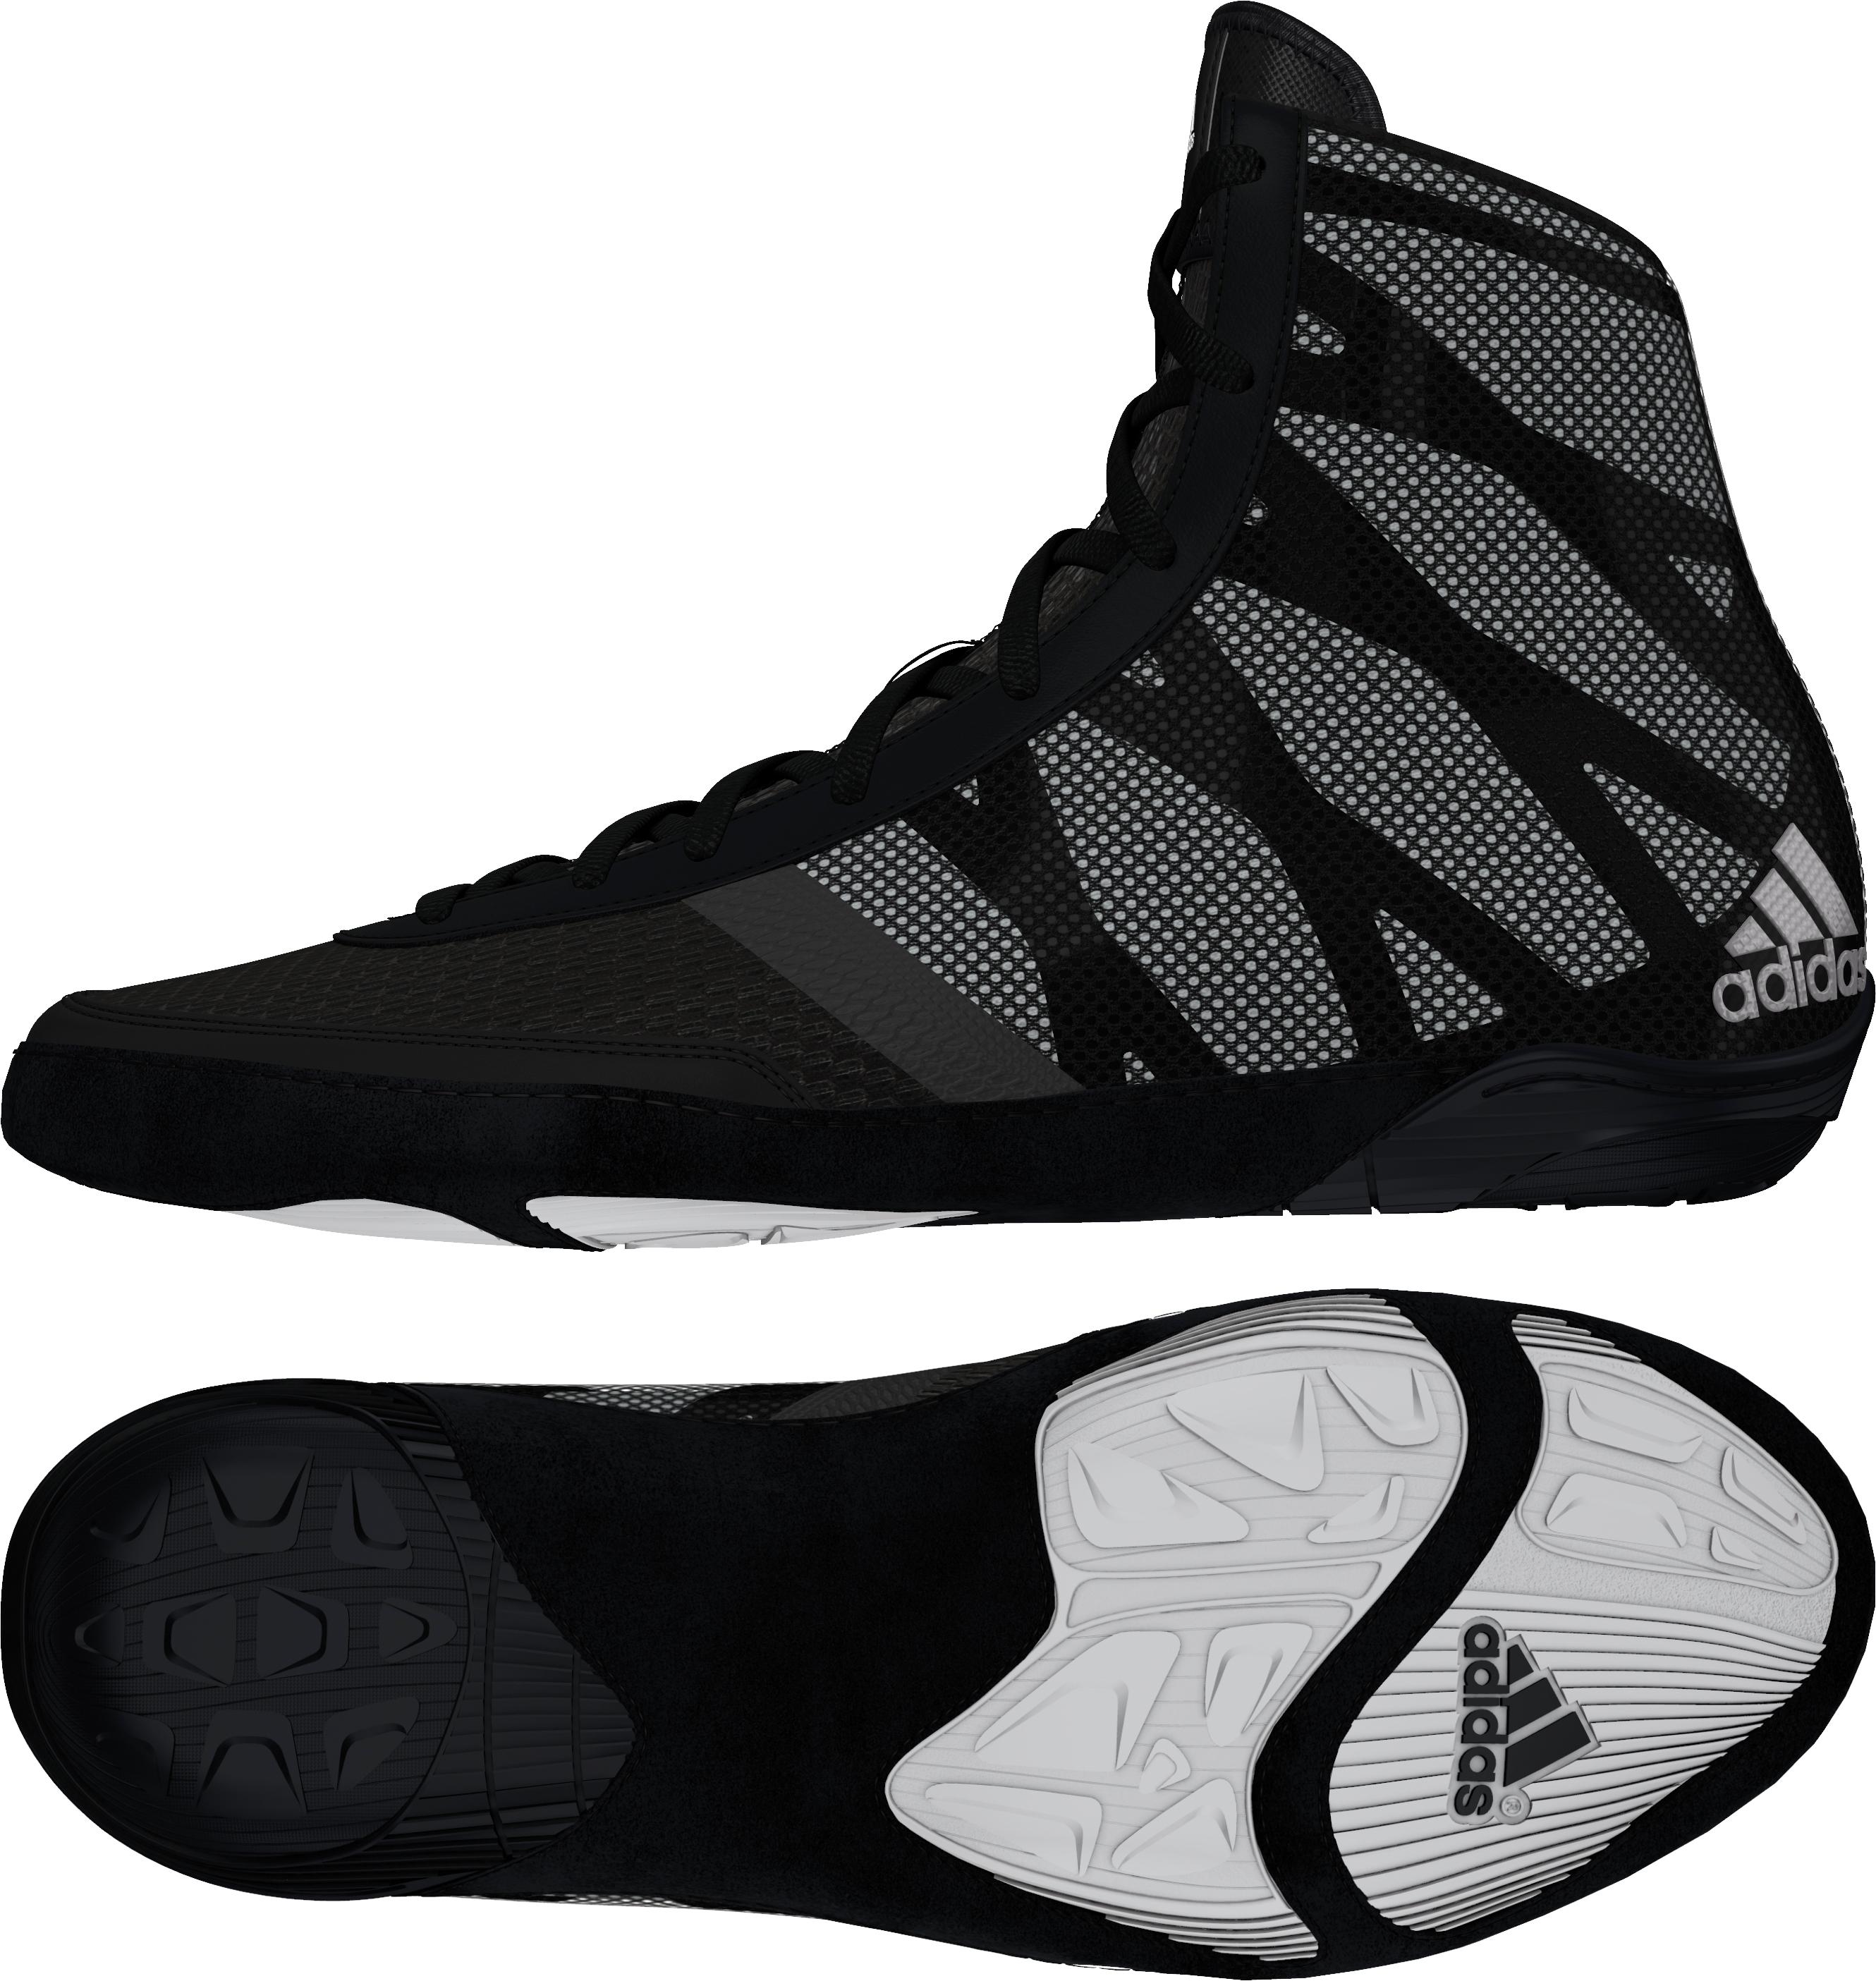 9db2b2e2476820 Adidas (Адидас) - боксерские перчатки, шлемы, защита и кимоно по ...